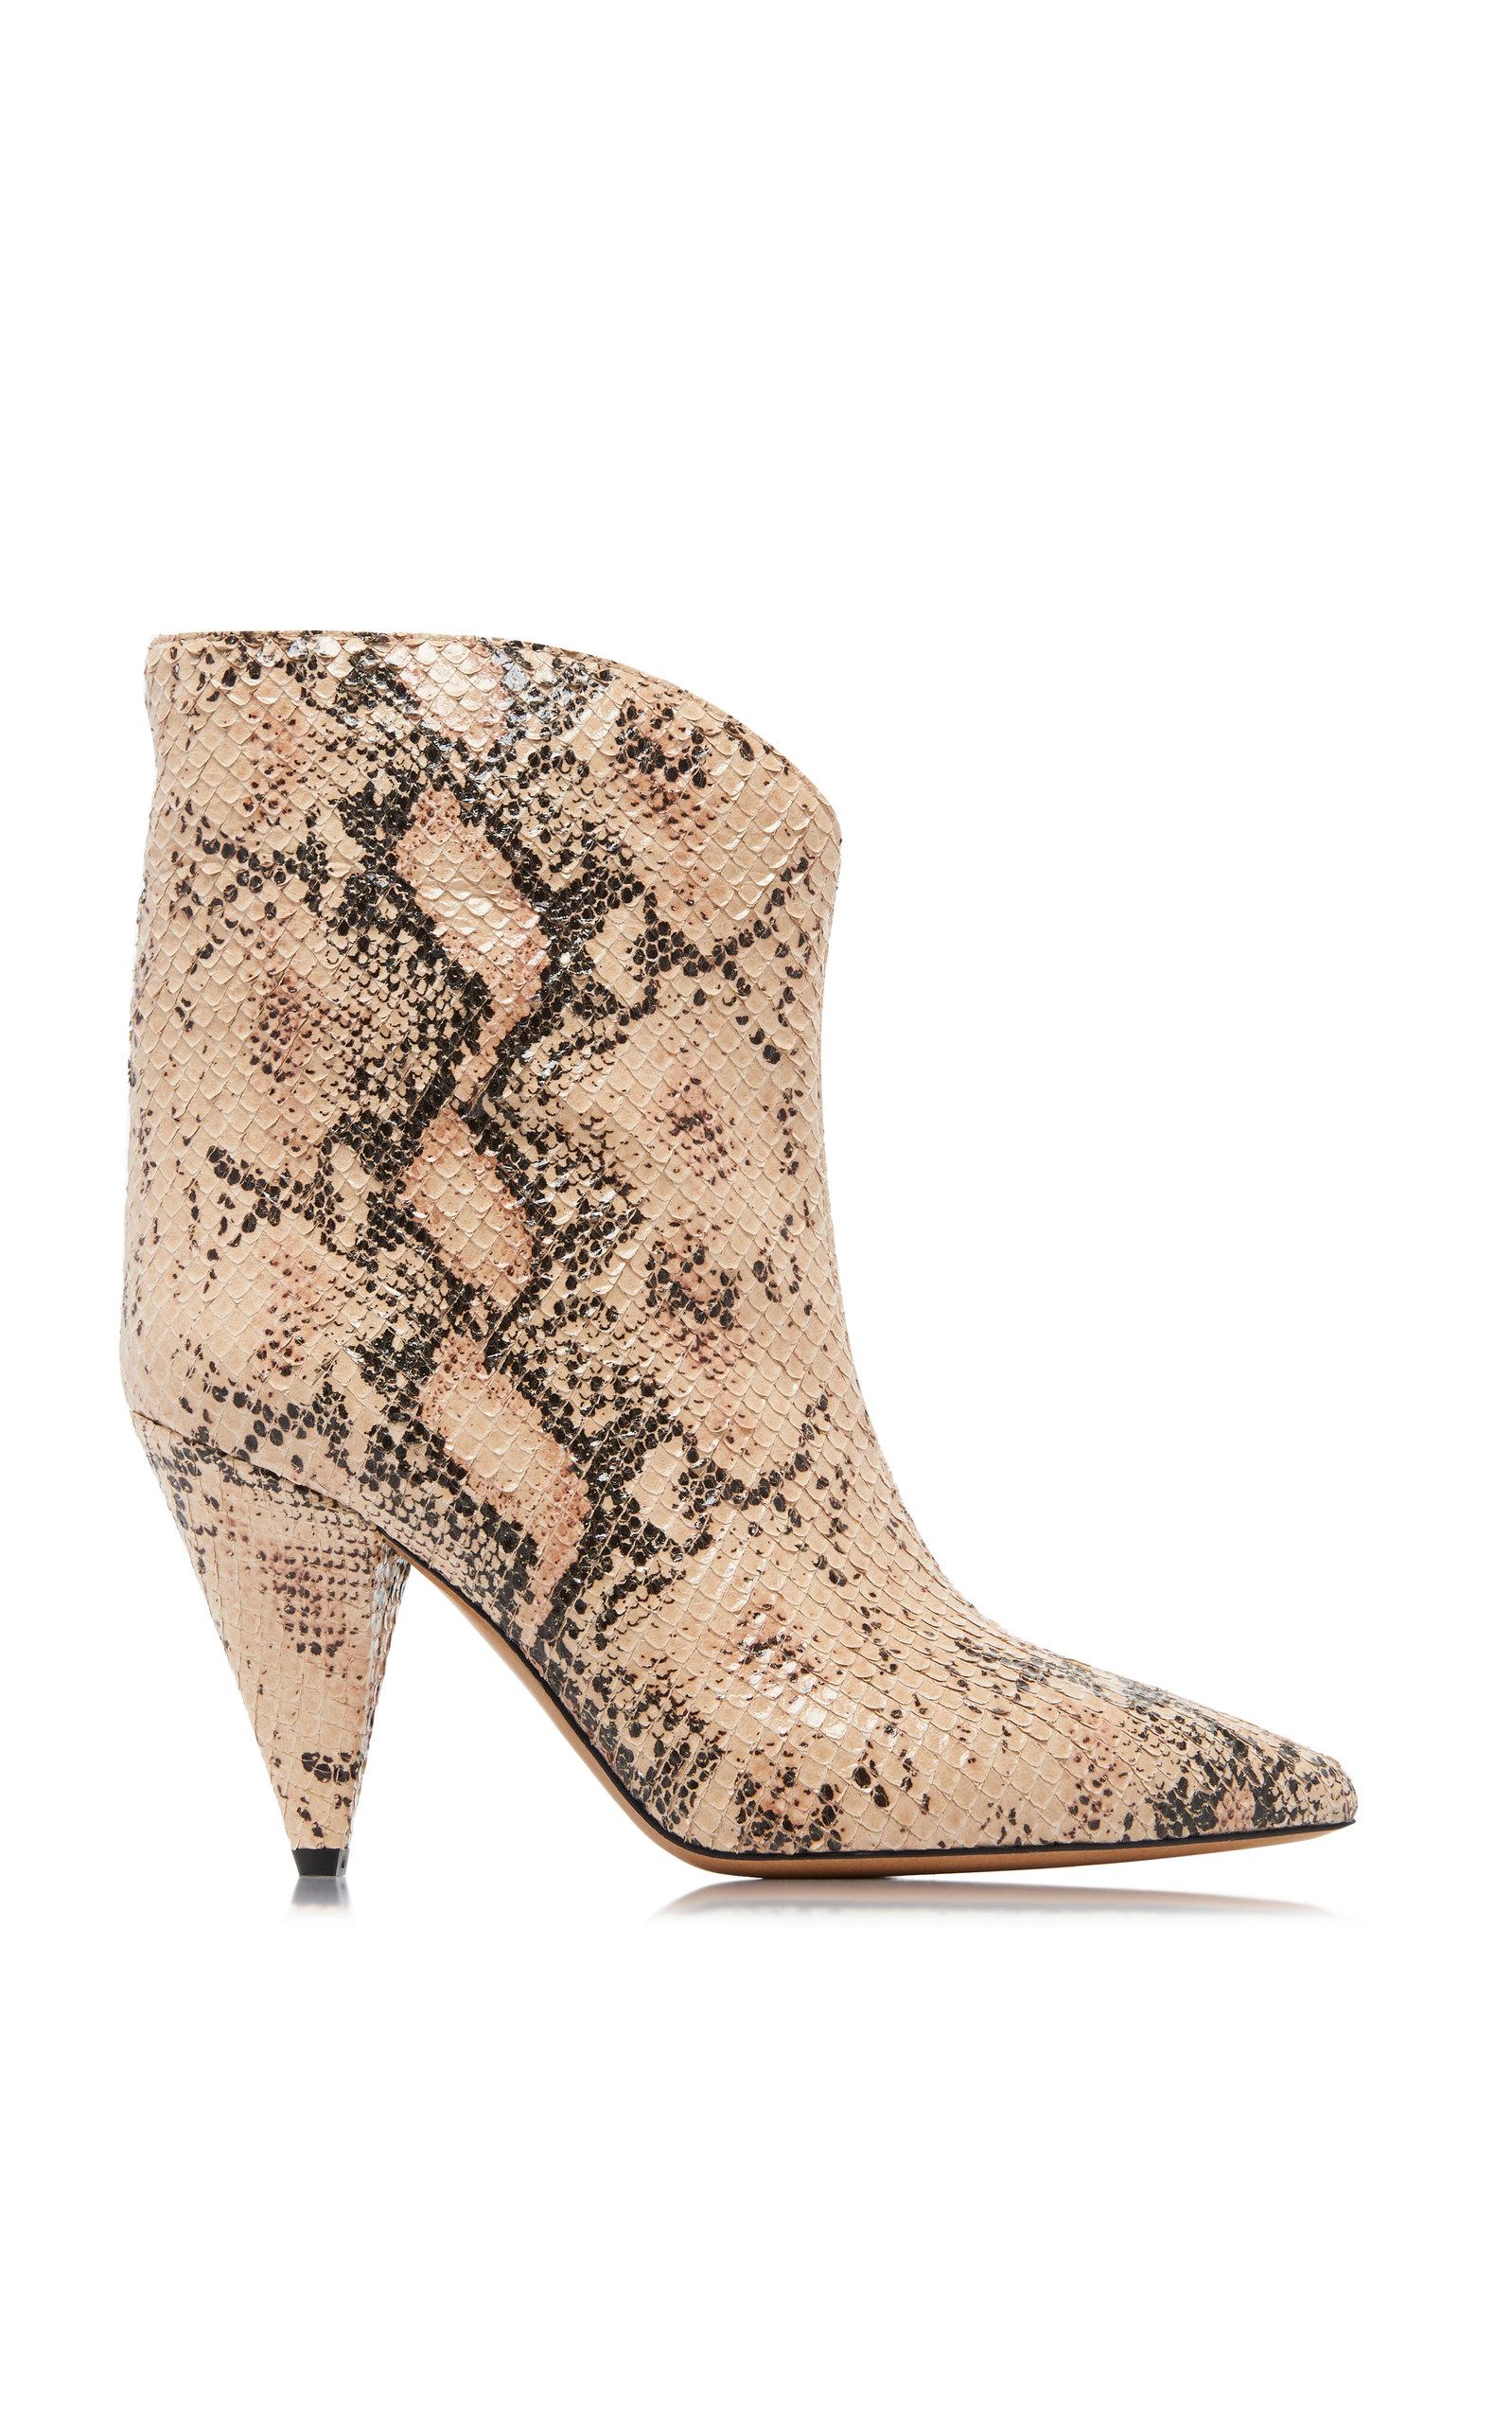 9d75c813c16c Leinne Snake-Embossed Boots by Isabel Marant | Moda Operandi